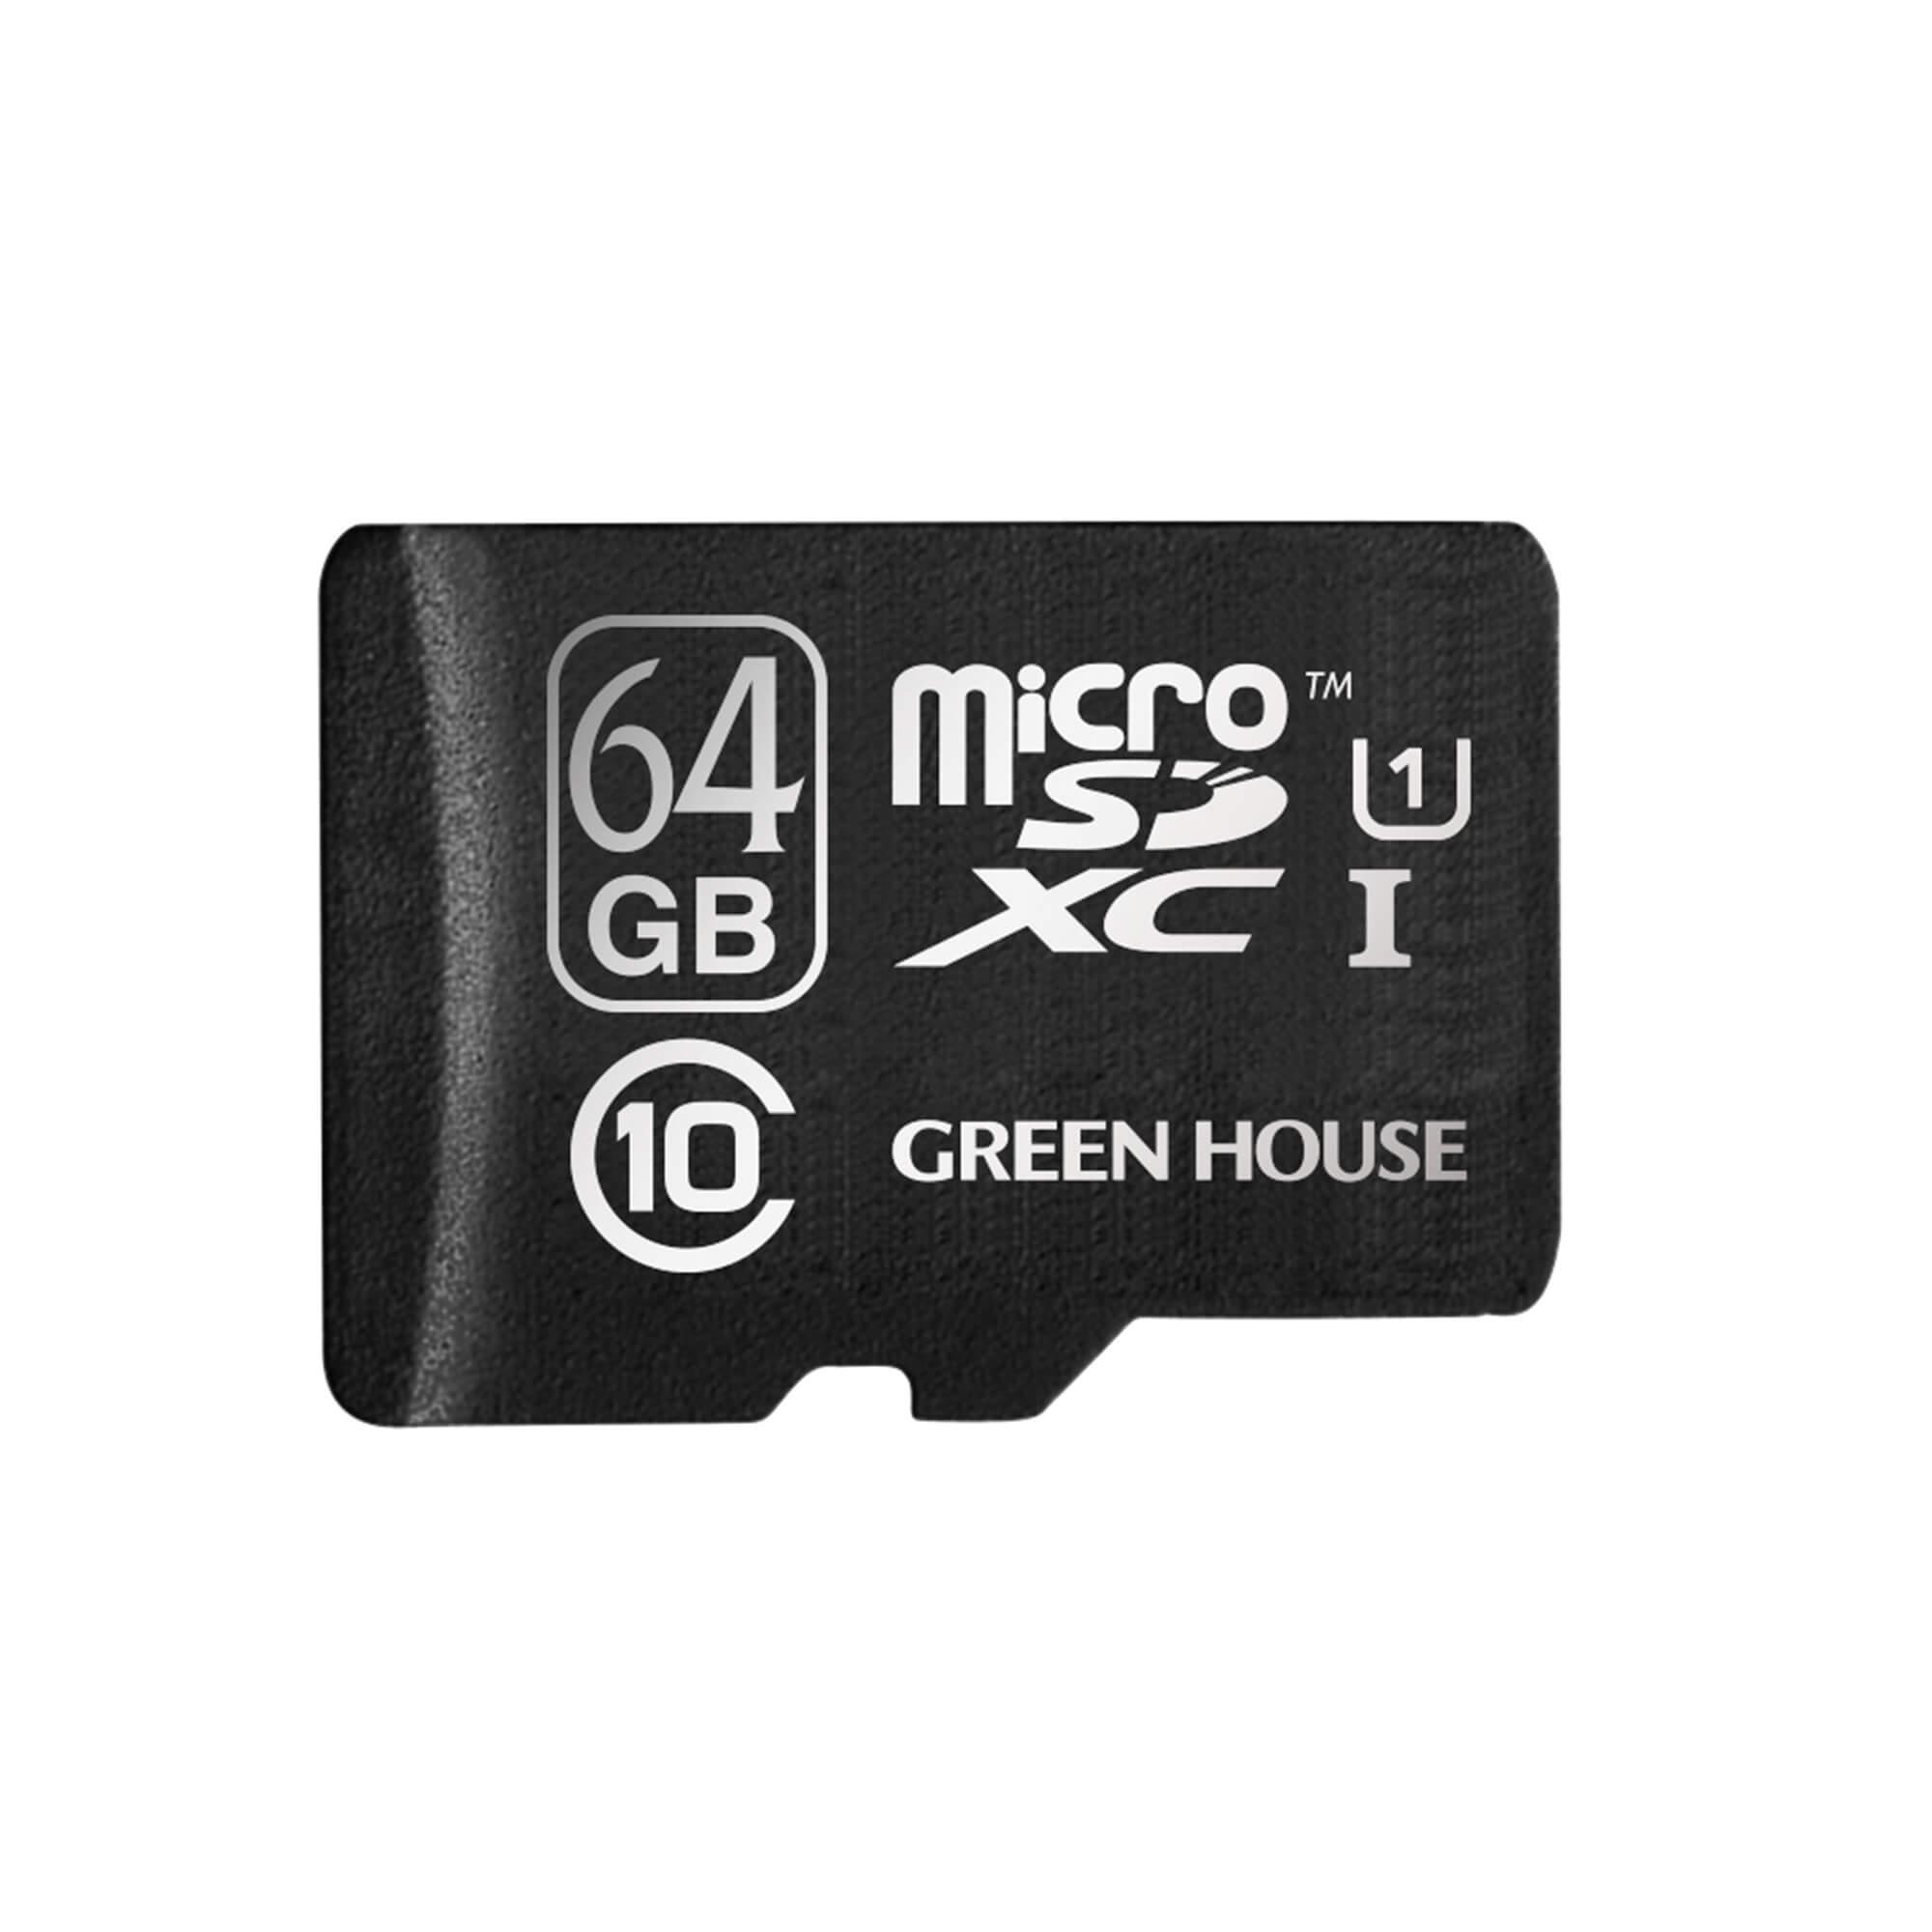 GH-SDMRXCUB*Gシリーズ